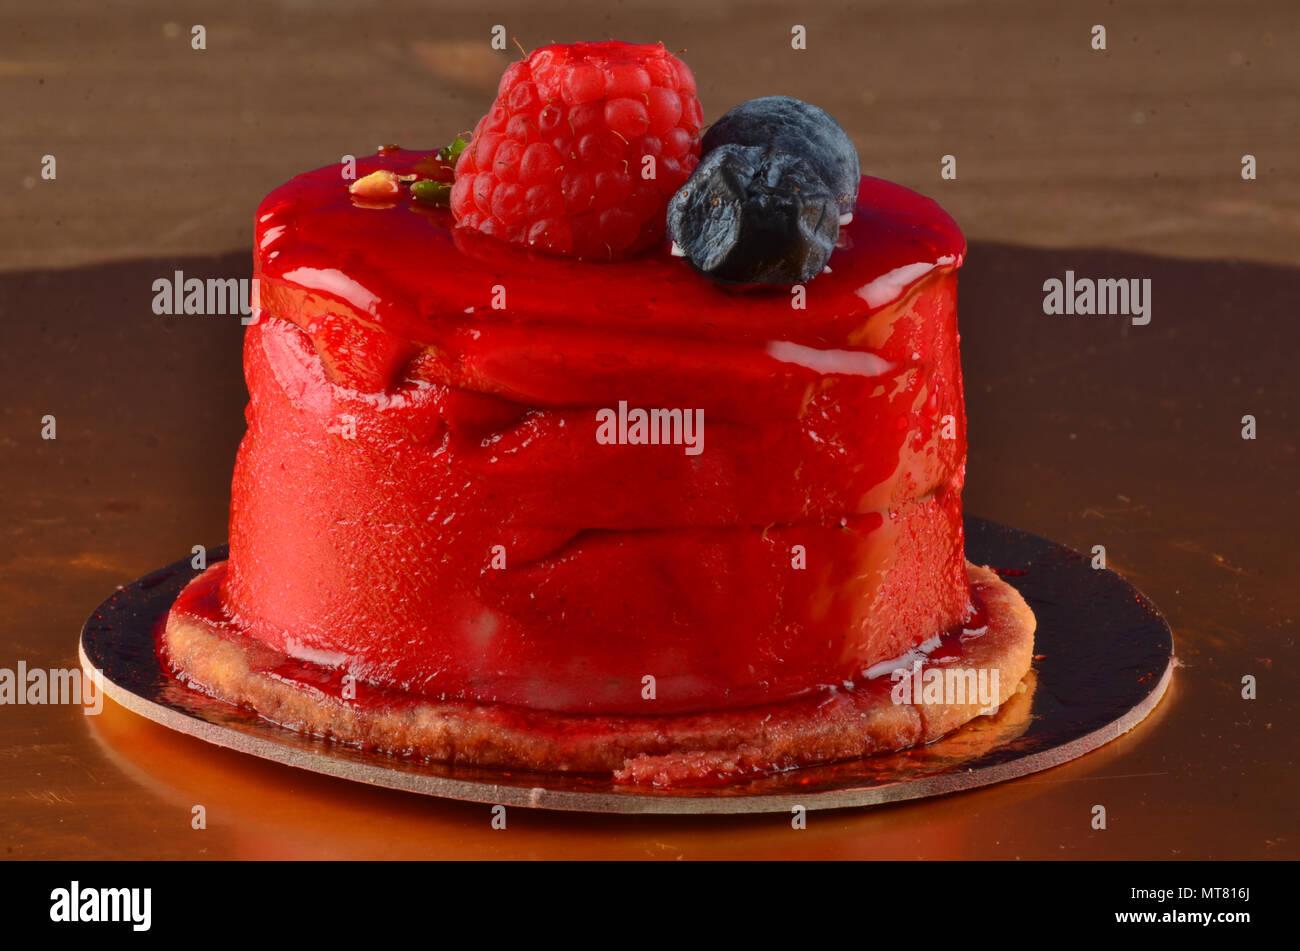 Schonen Kuchen Mit Rot Glanzende Glasur In Einem Restaurant